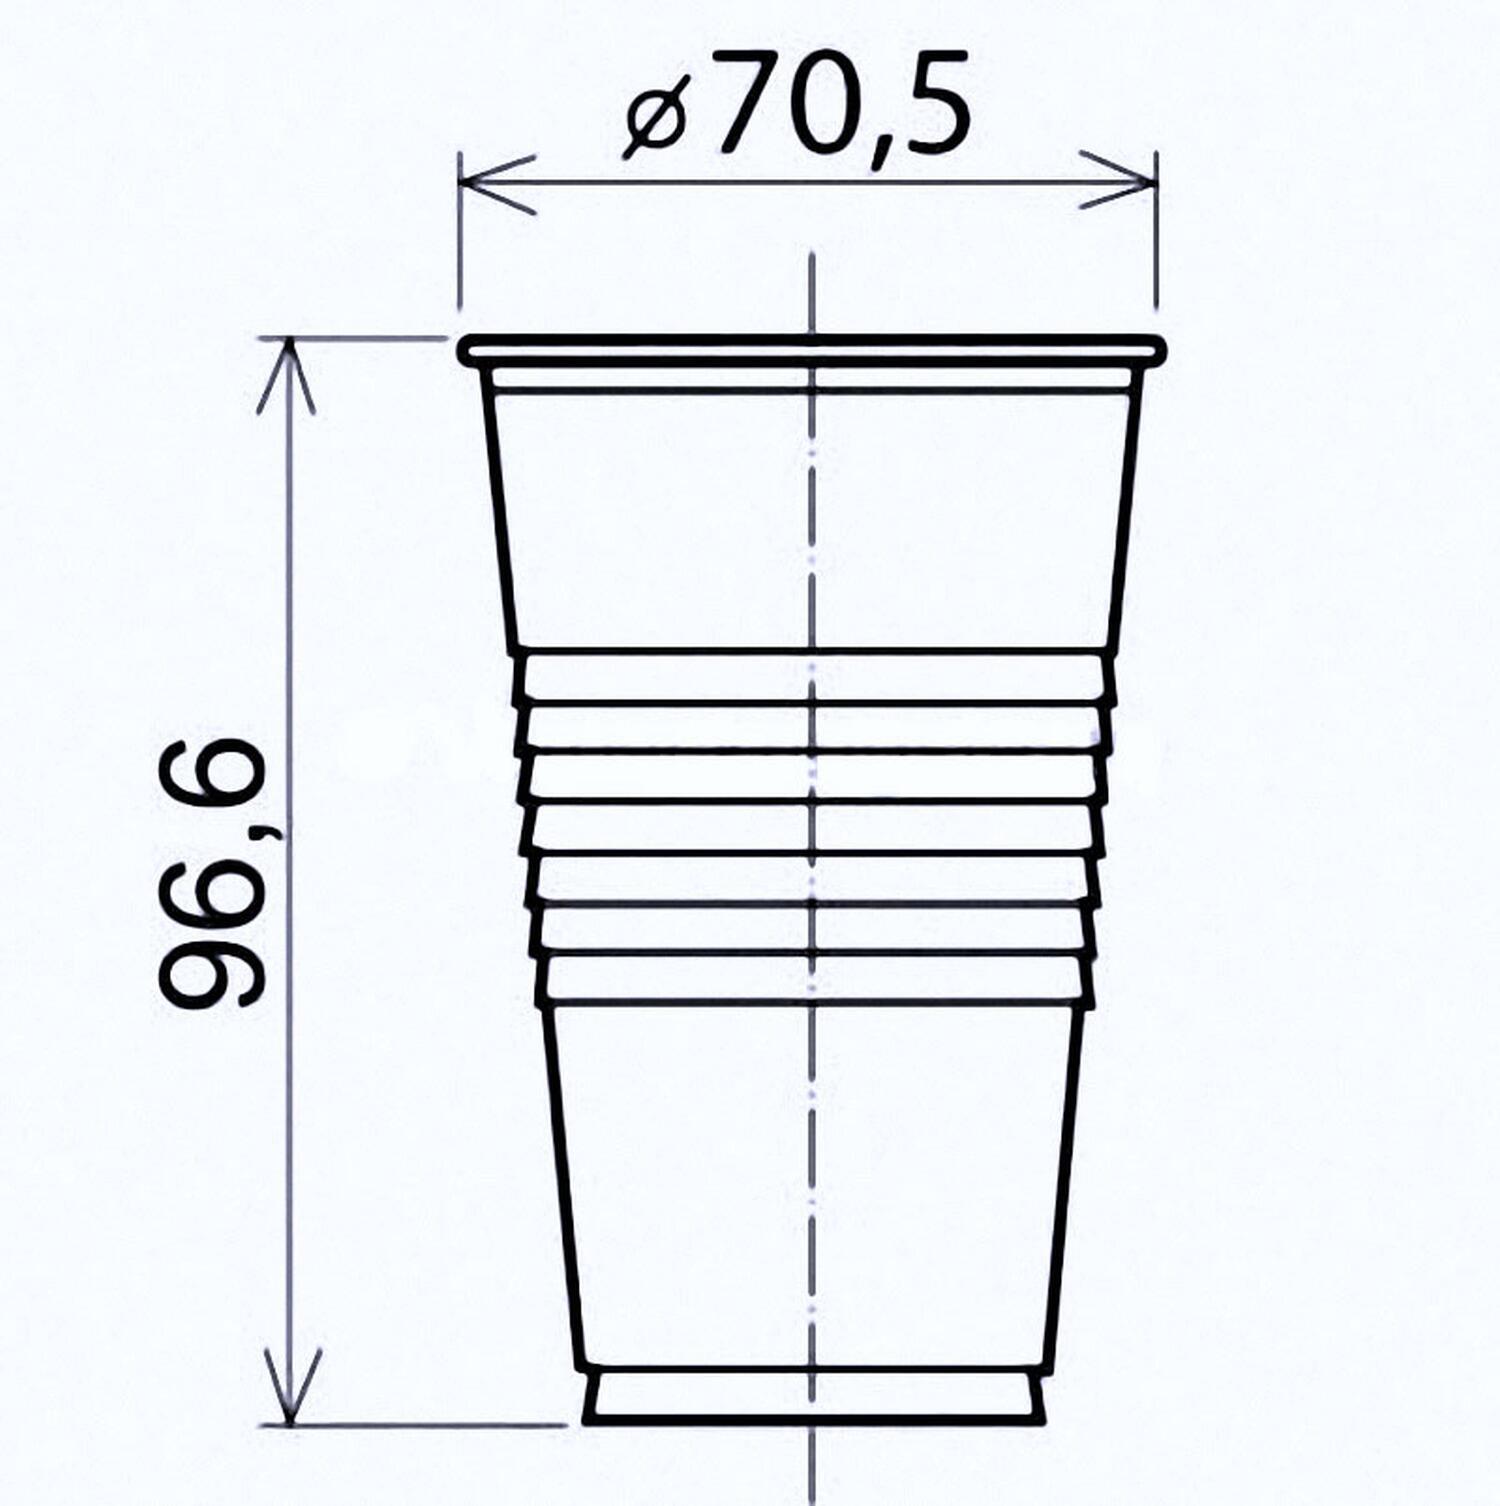 Trinkbecher weiß 200 ml Eichstrich bei 0,2 L, PP, Ø 70 mm, 100 Stk.